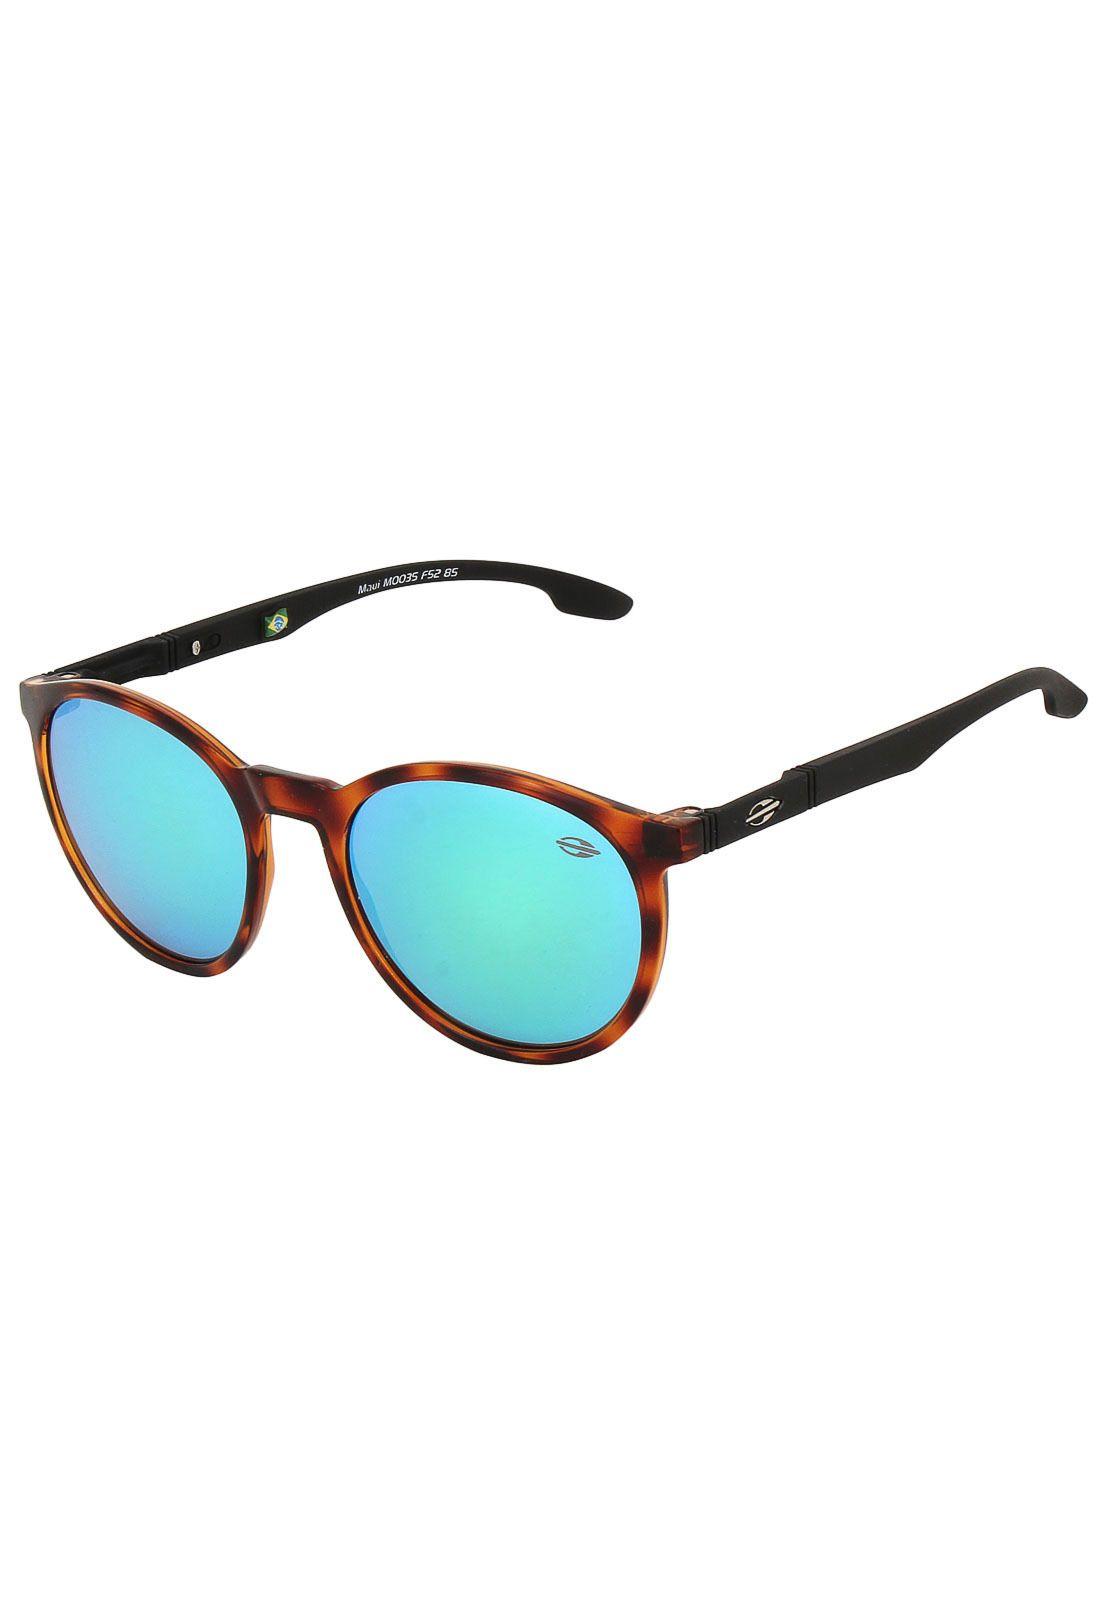 f057a92c92e0a Óculos de Sol Mormaii Maui Marrom em 2018   Products   Pinterest ...